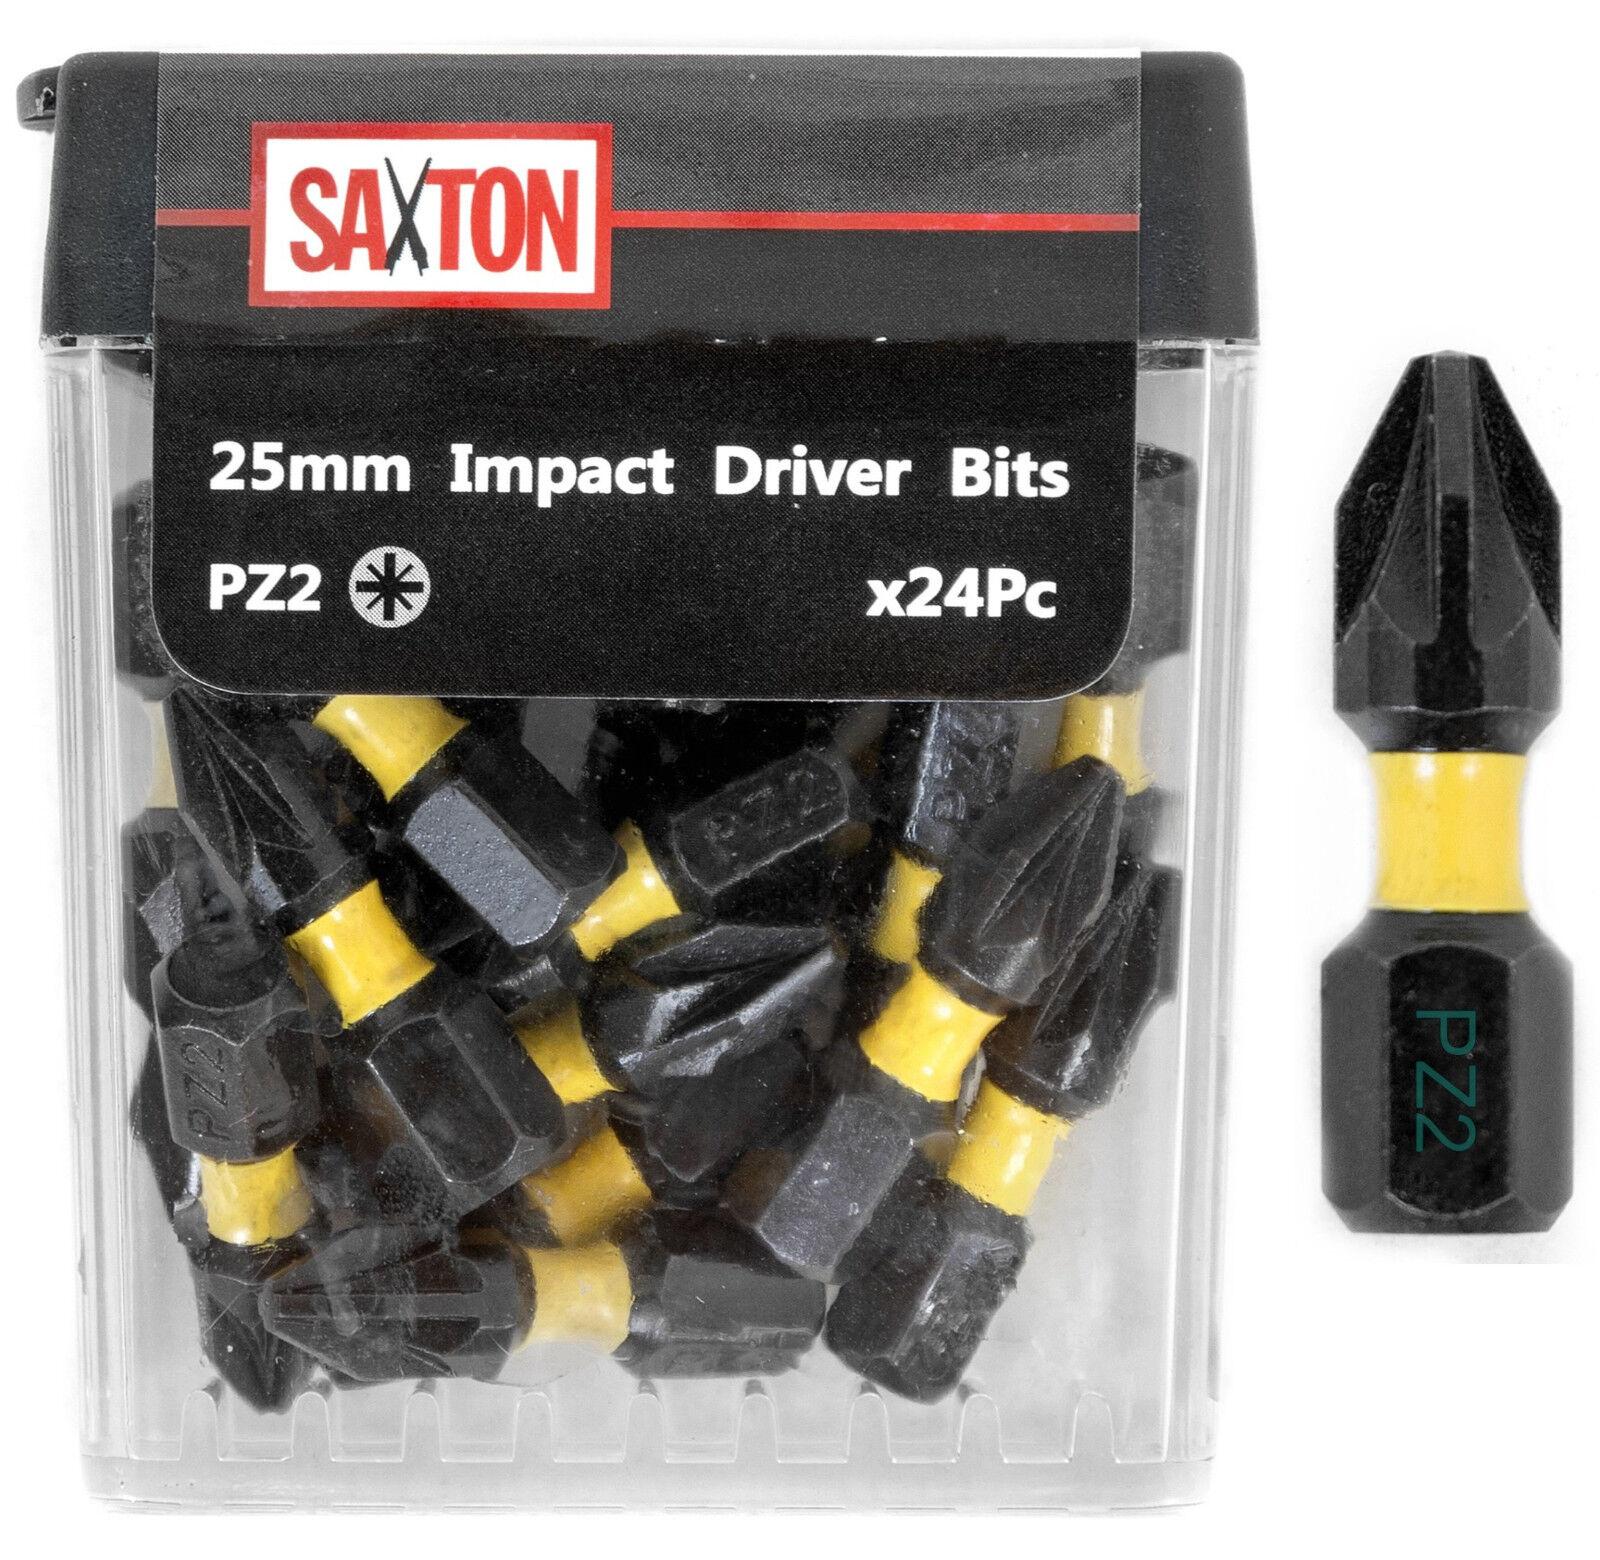 Saxton 24x PZ2-25mm Pozi-drive 2 Impact Duty Screwdriver Drill Bits Set